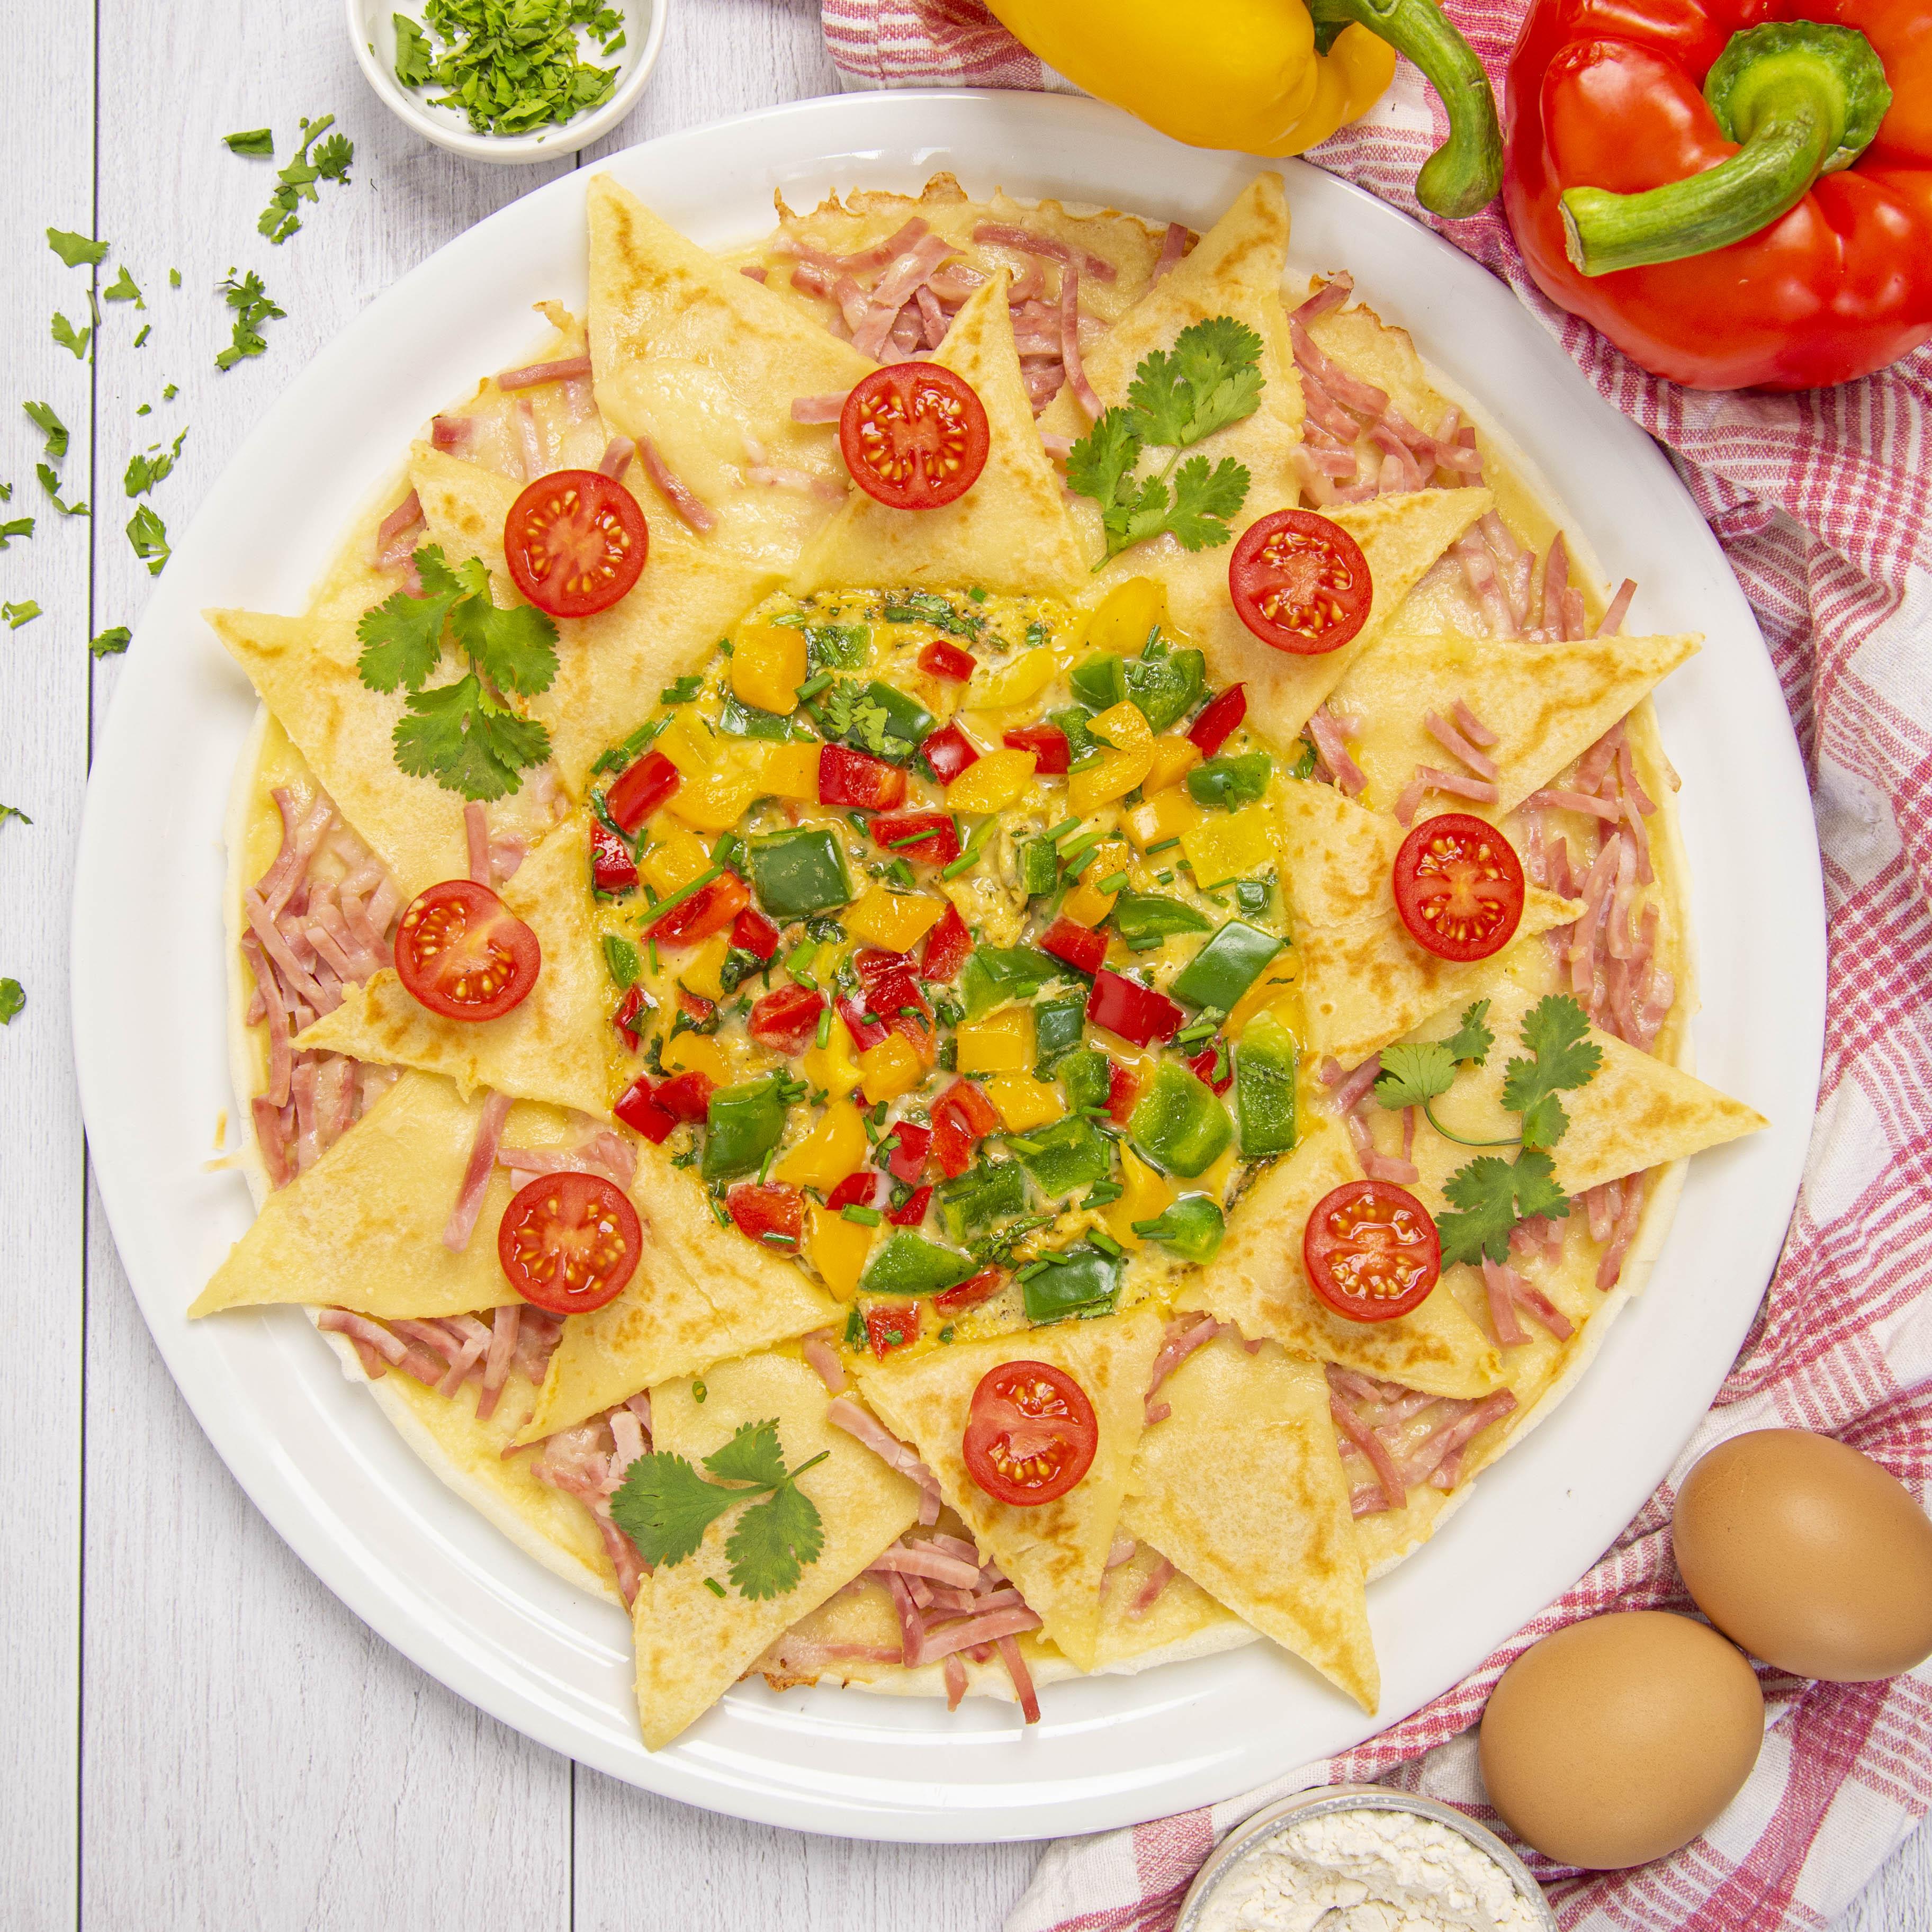 La crêpe-omelette soleil